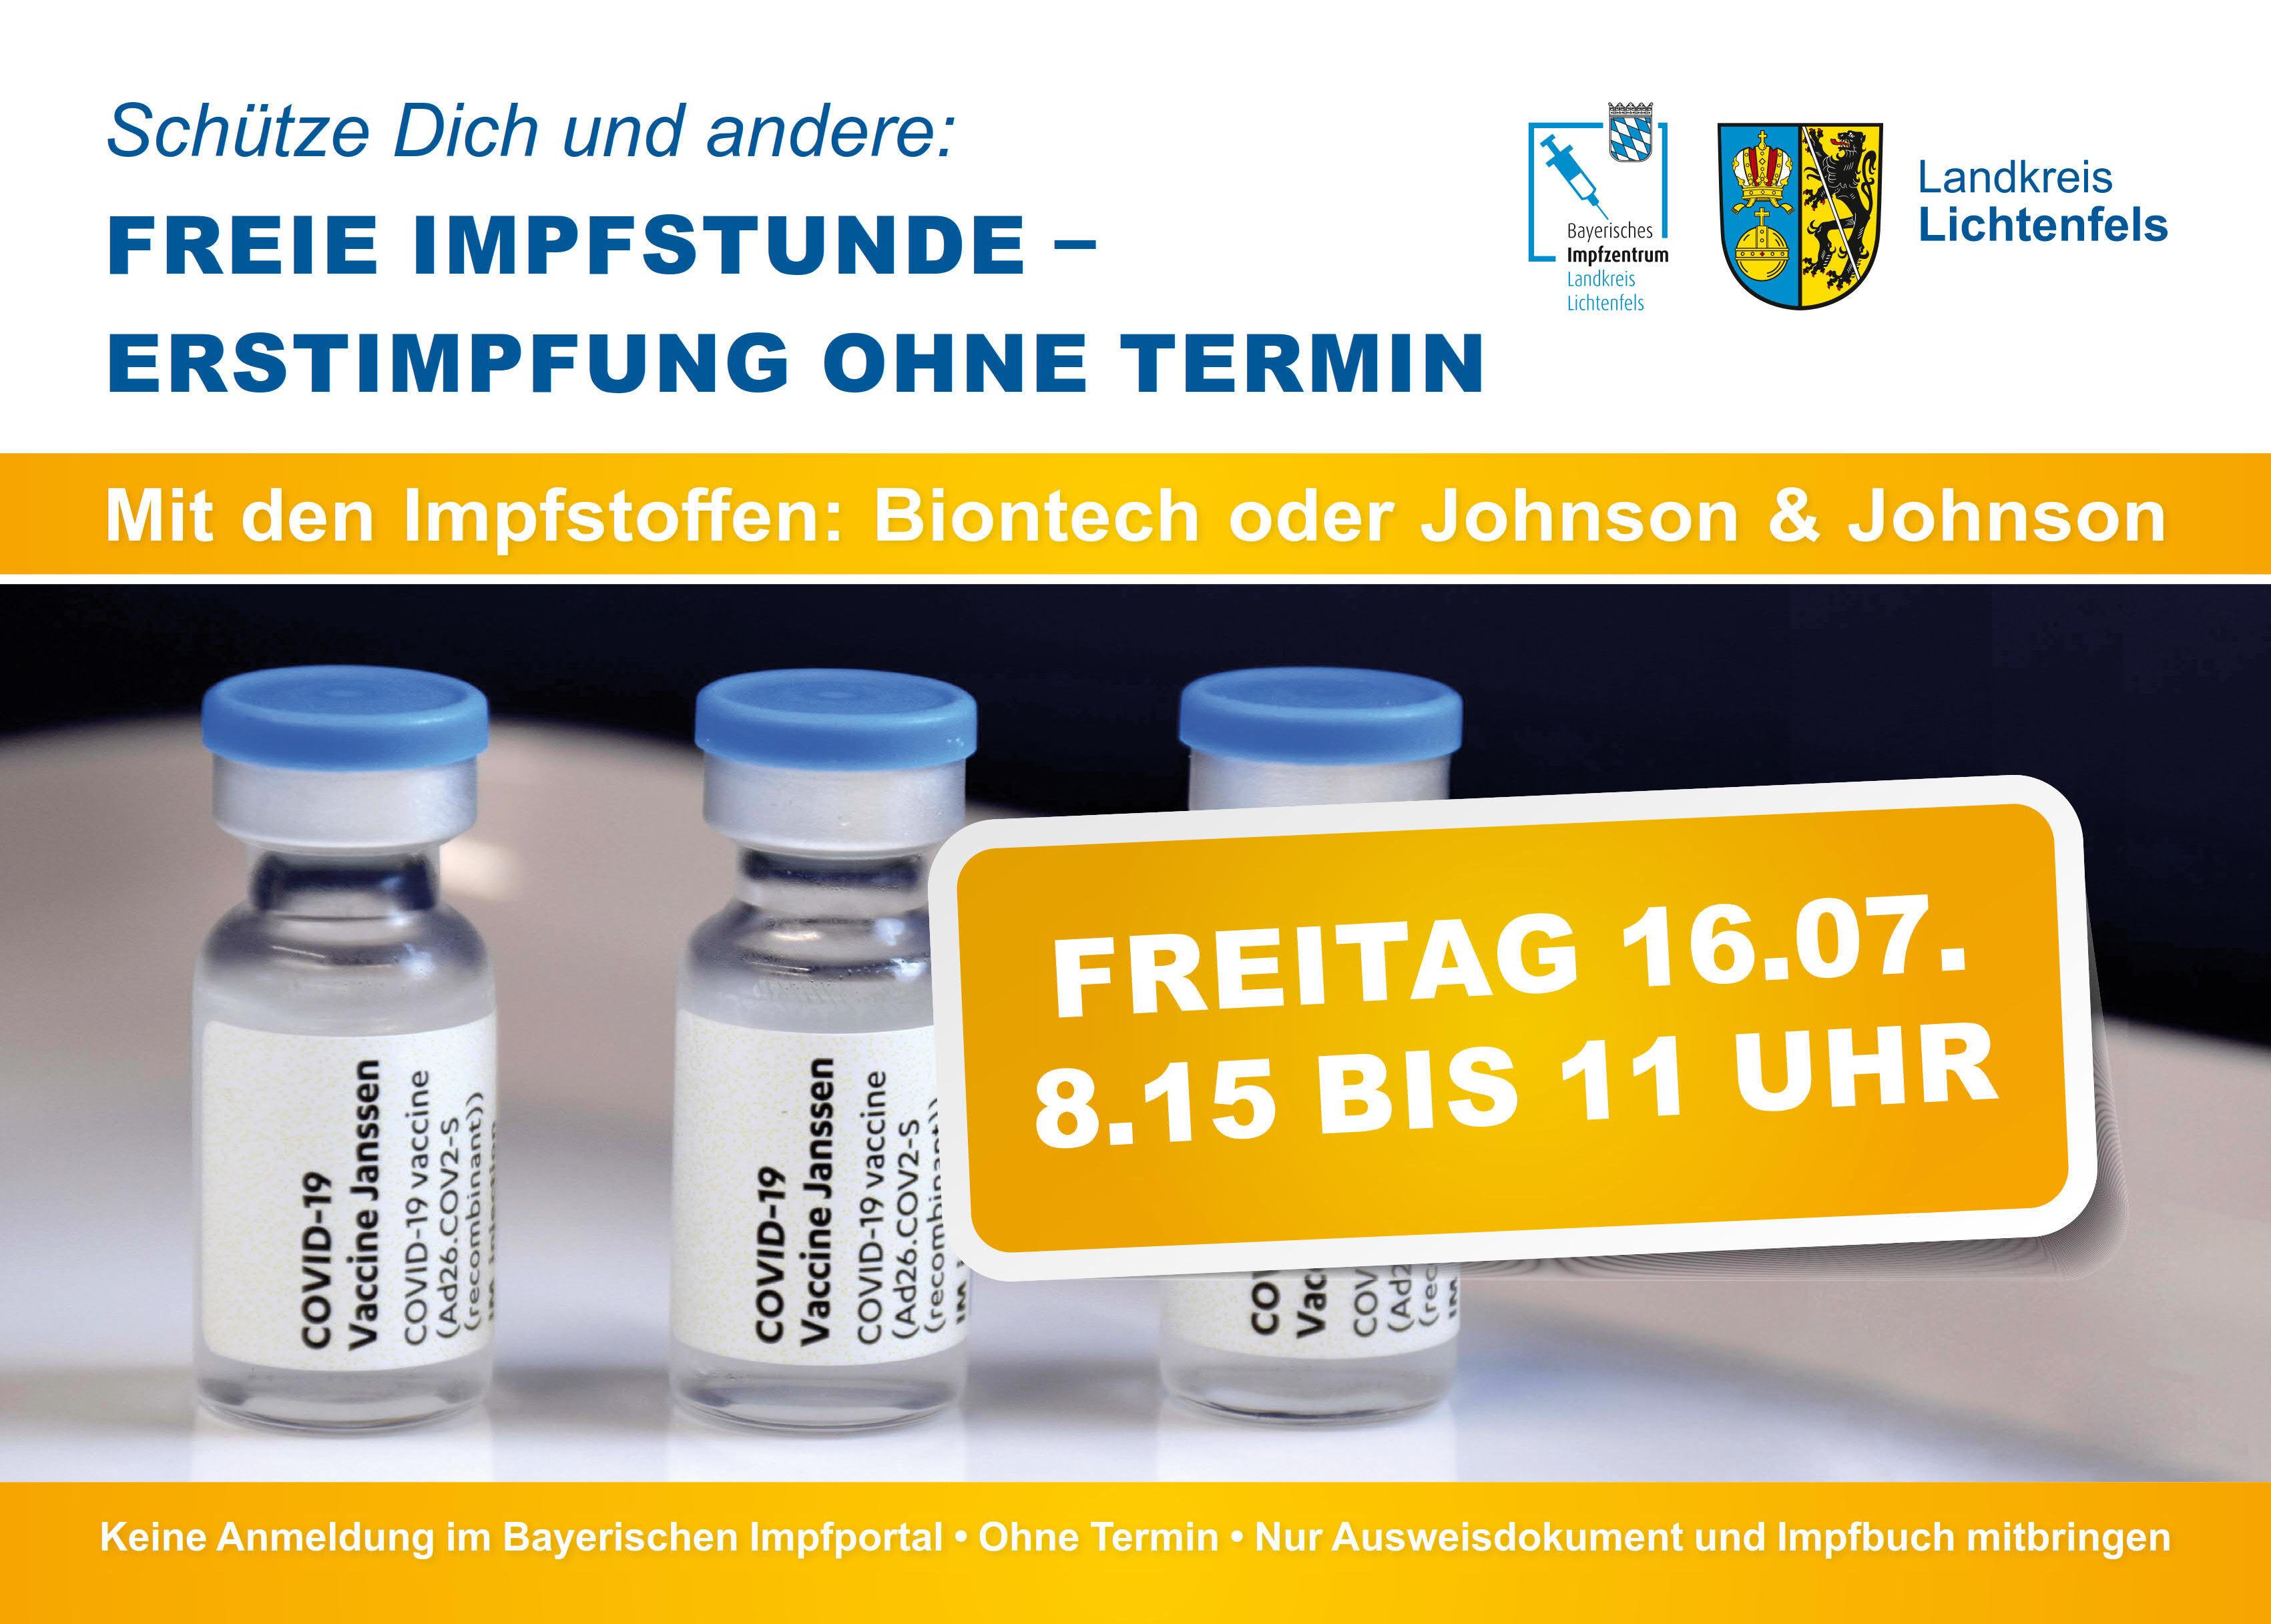 Freie Impfstunde